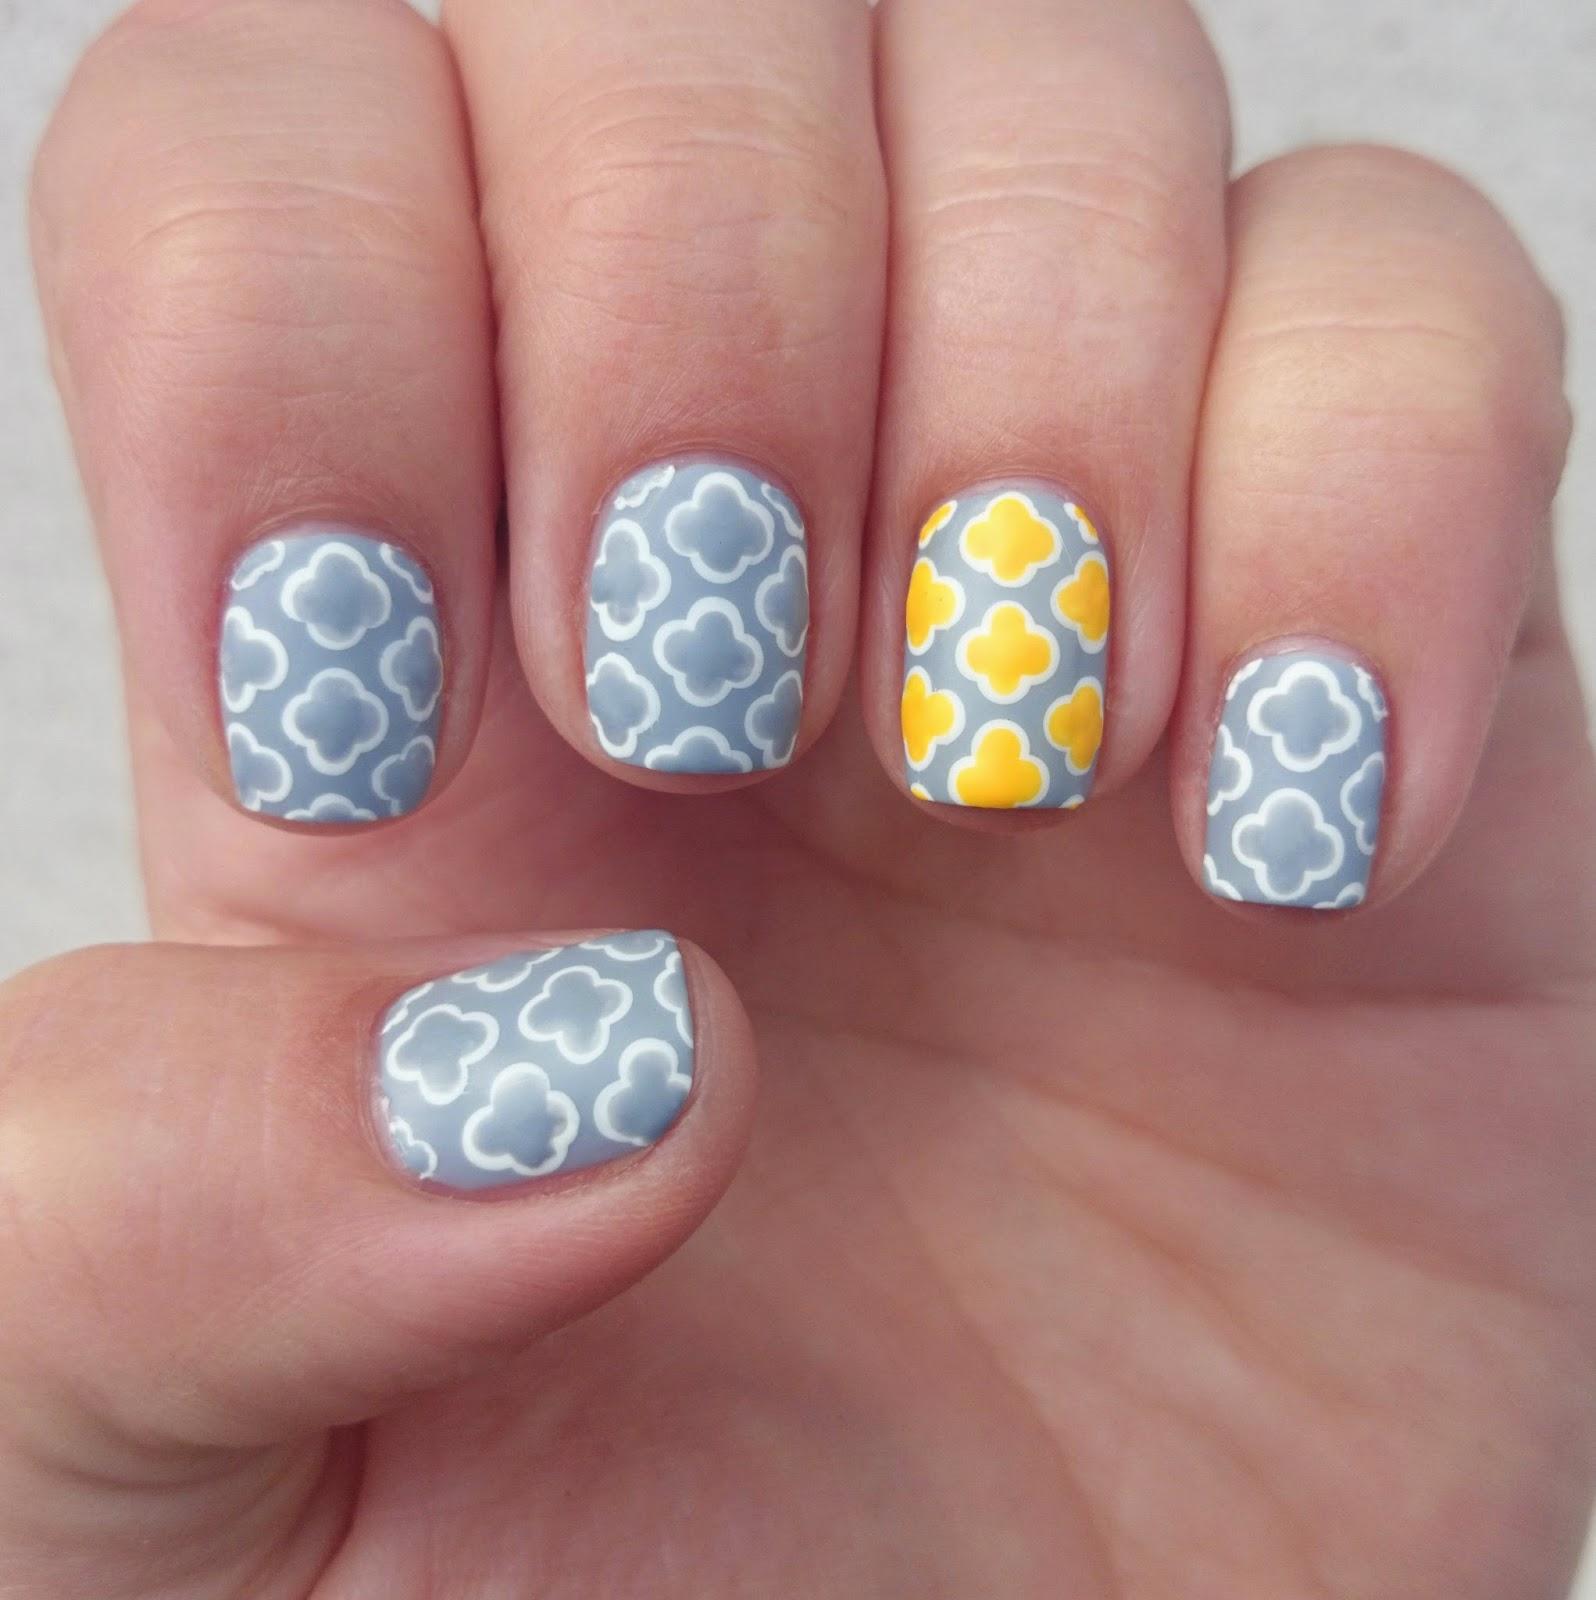 Dahlia Nails Ravenclaw Nail Art: Dahlia Nails: Wallpaper Nails